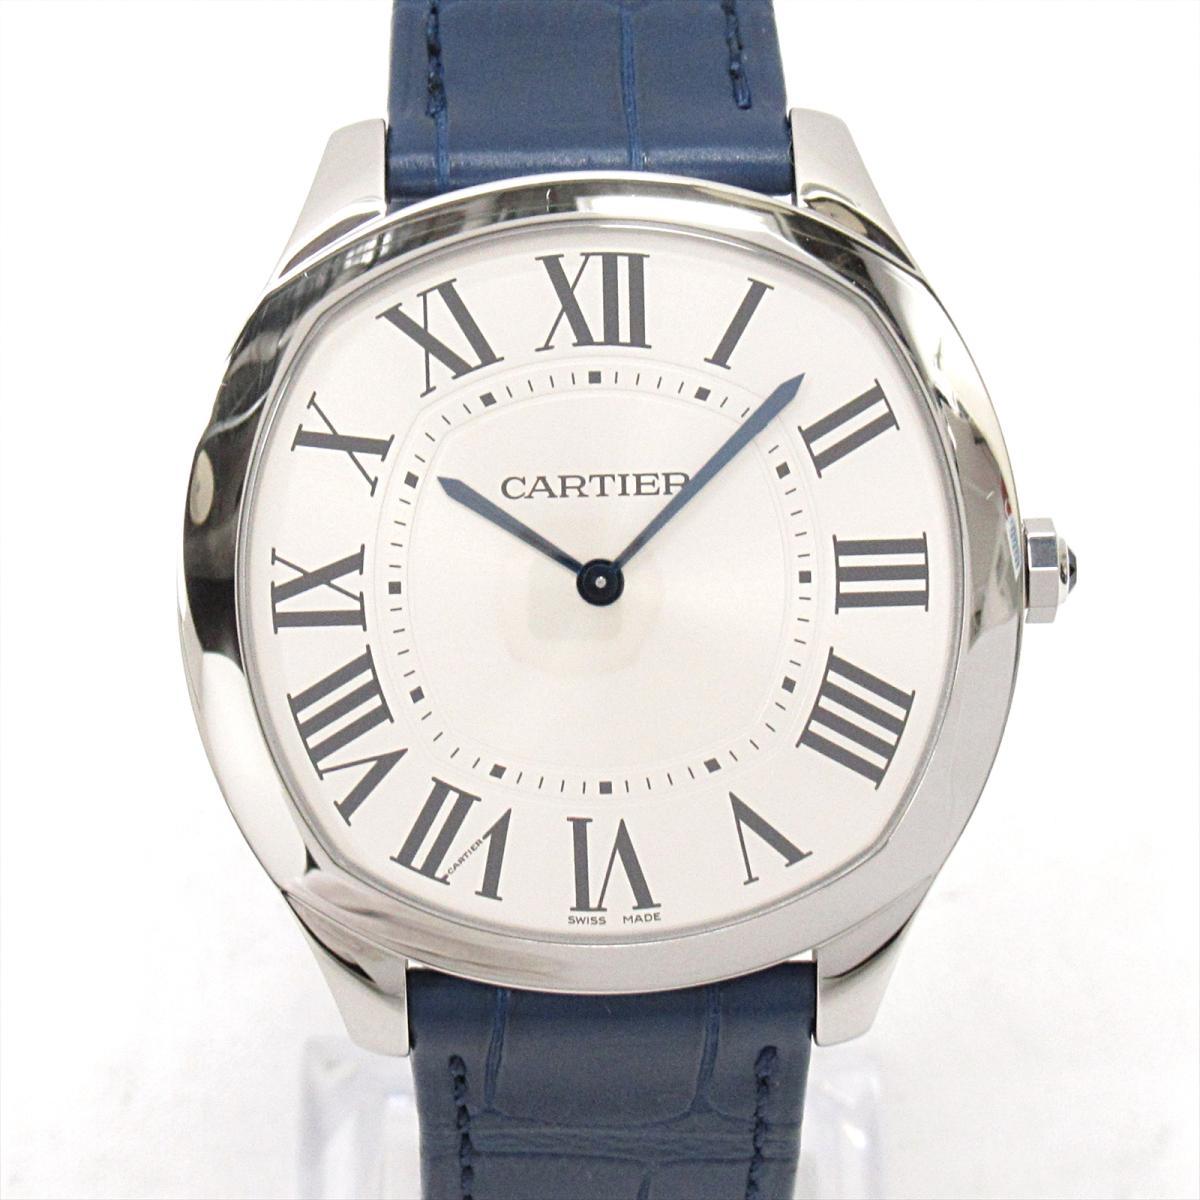 【中古】 カルティエ ドライブ ドゥ エクストラ フラット 腕時計 ウォッチ メンズ ステンレススチール (SS) x レザーベルト (CRWSNM0011) | Cartier 手巻き時計 ドライブドゥカルティエエクストラフラット 美品 ブランドオフ